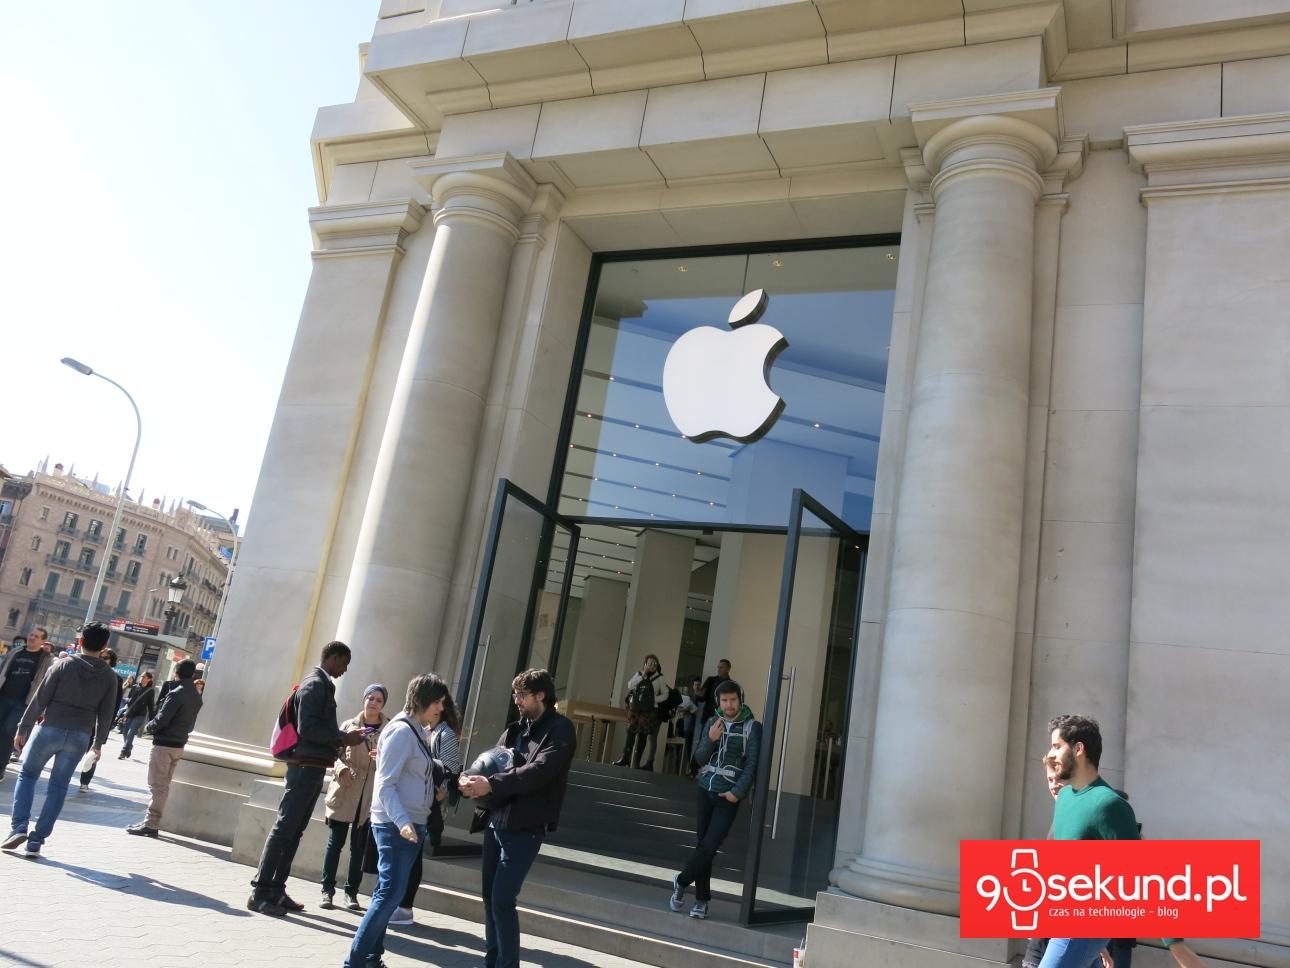 Wejście do sklepu Apple w Barcelonie - 90sekund.pl